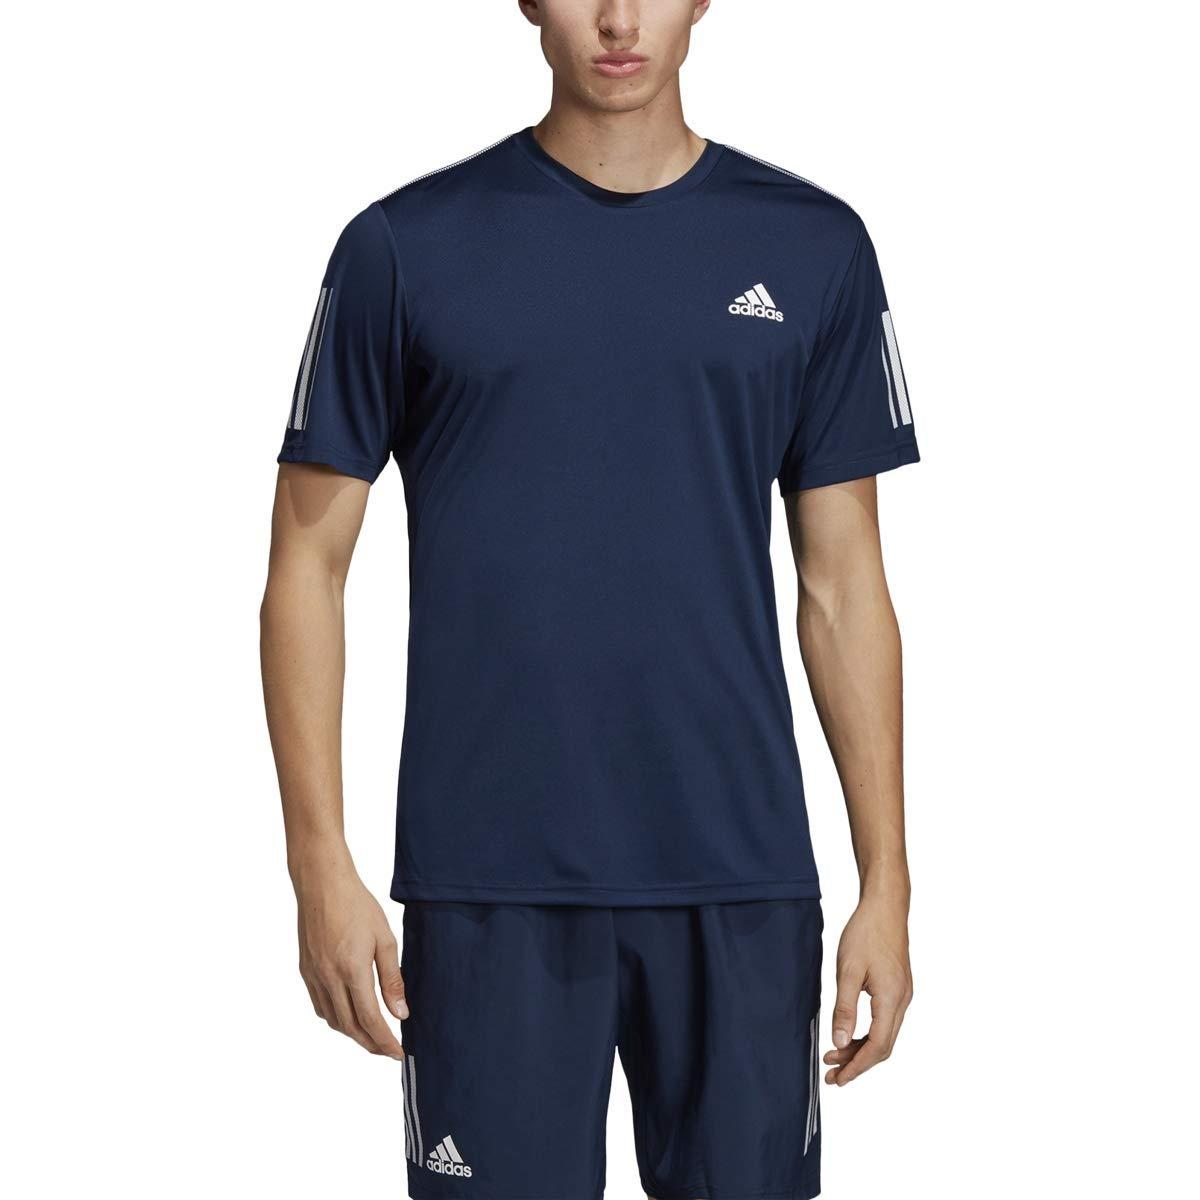 adidas Men's 3-Stripes Club Tennis Tee, Collegiate Navy/White, X-Small